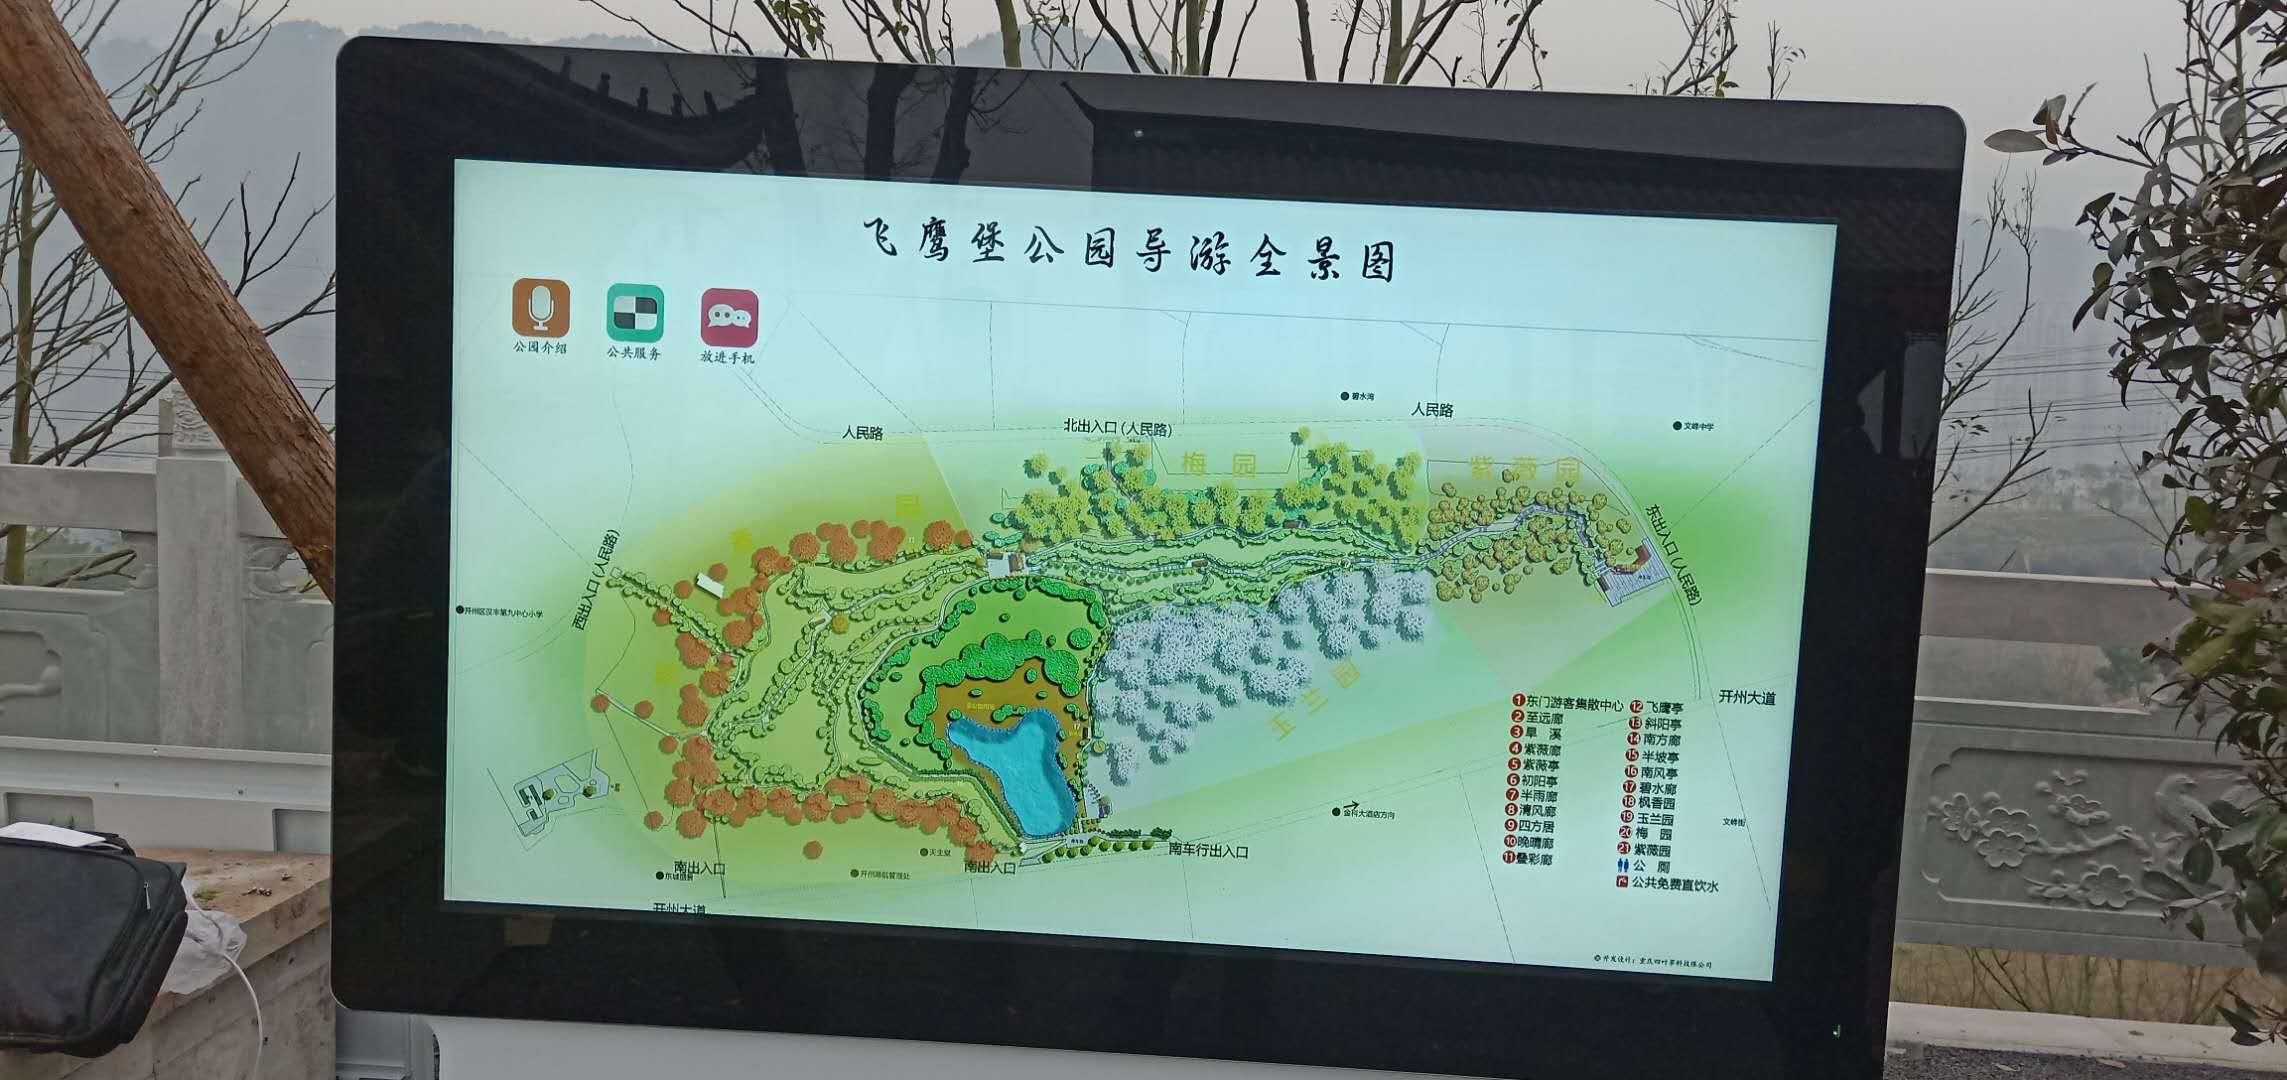 飞鹰堡公园电子导航软件开发